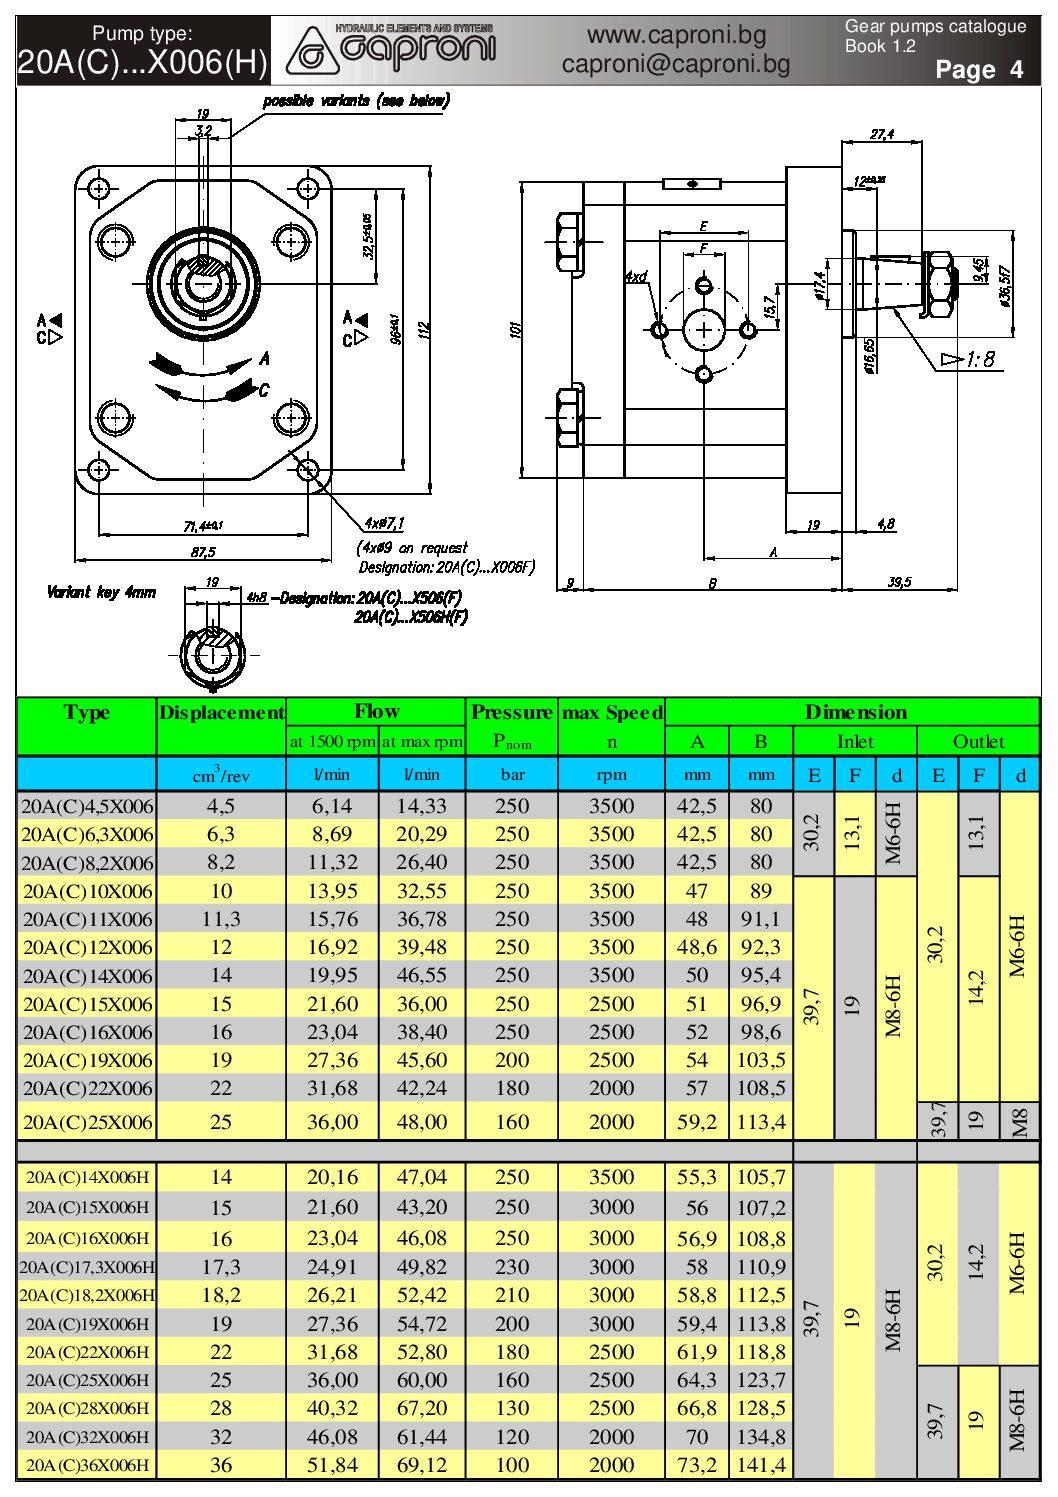 Hammaspyöräpumppu 2 sarja laippaliitantainen pdf